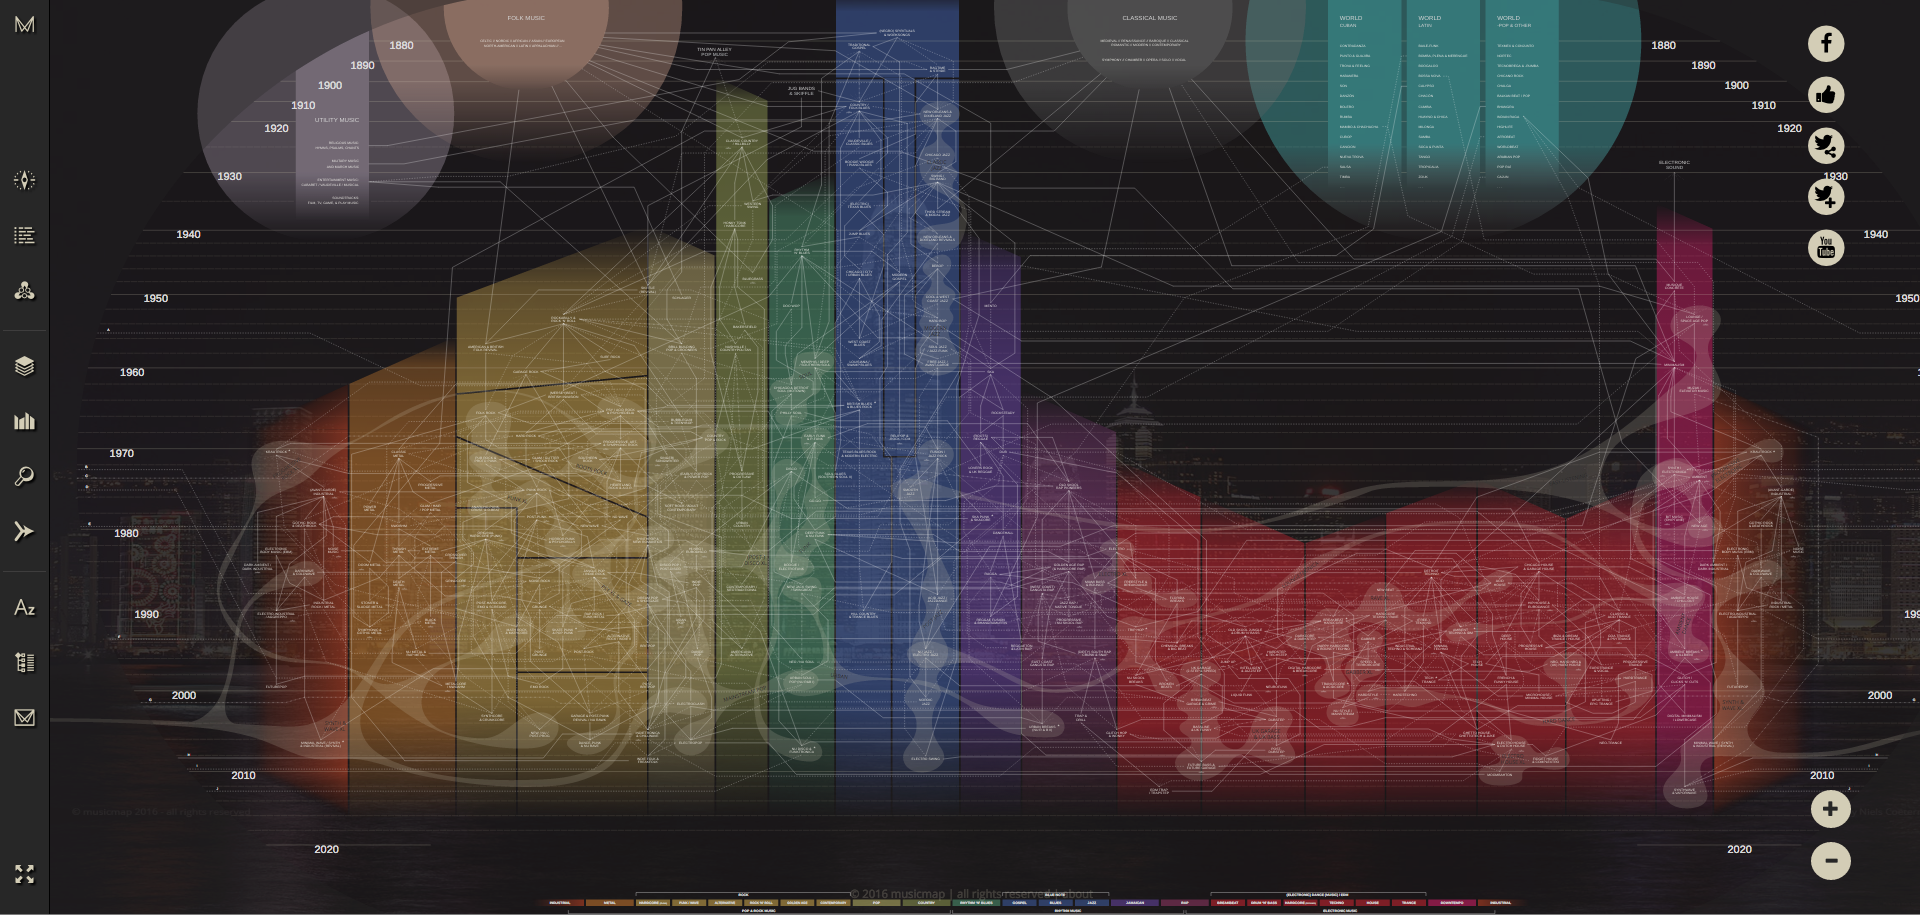 musicmap 전도. 위쪽에 있는 원 4개는 각각 유틸리티, 포크, 클래식, 월드뮤직을 뜻한다. 아래쪽에 있는 막대들이 슈퍼장르에 해당한다.